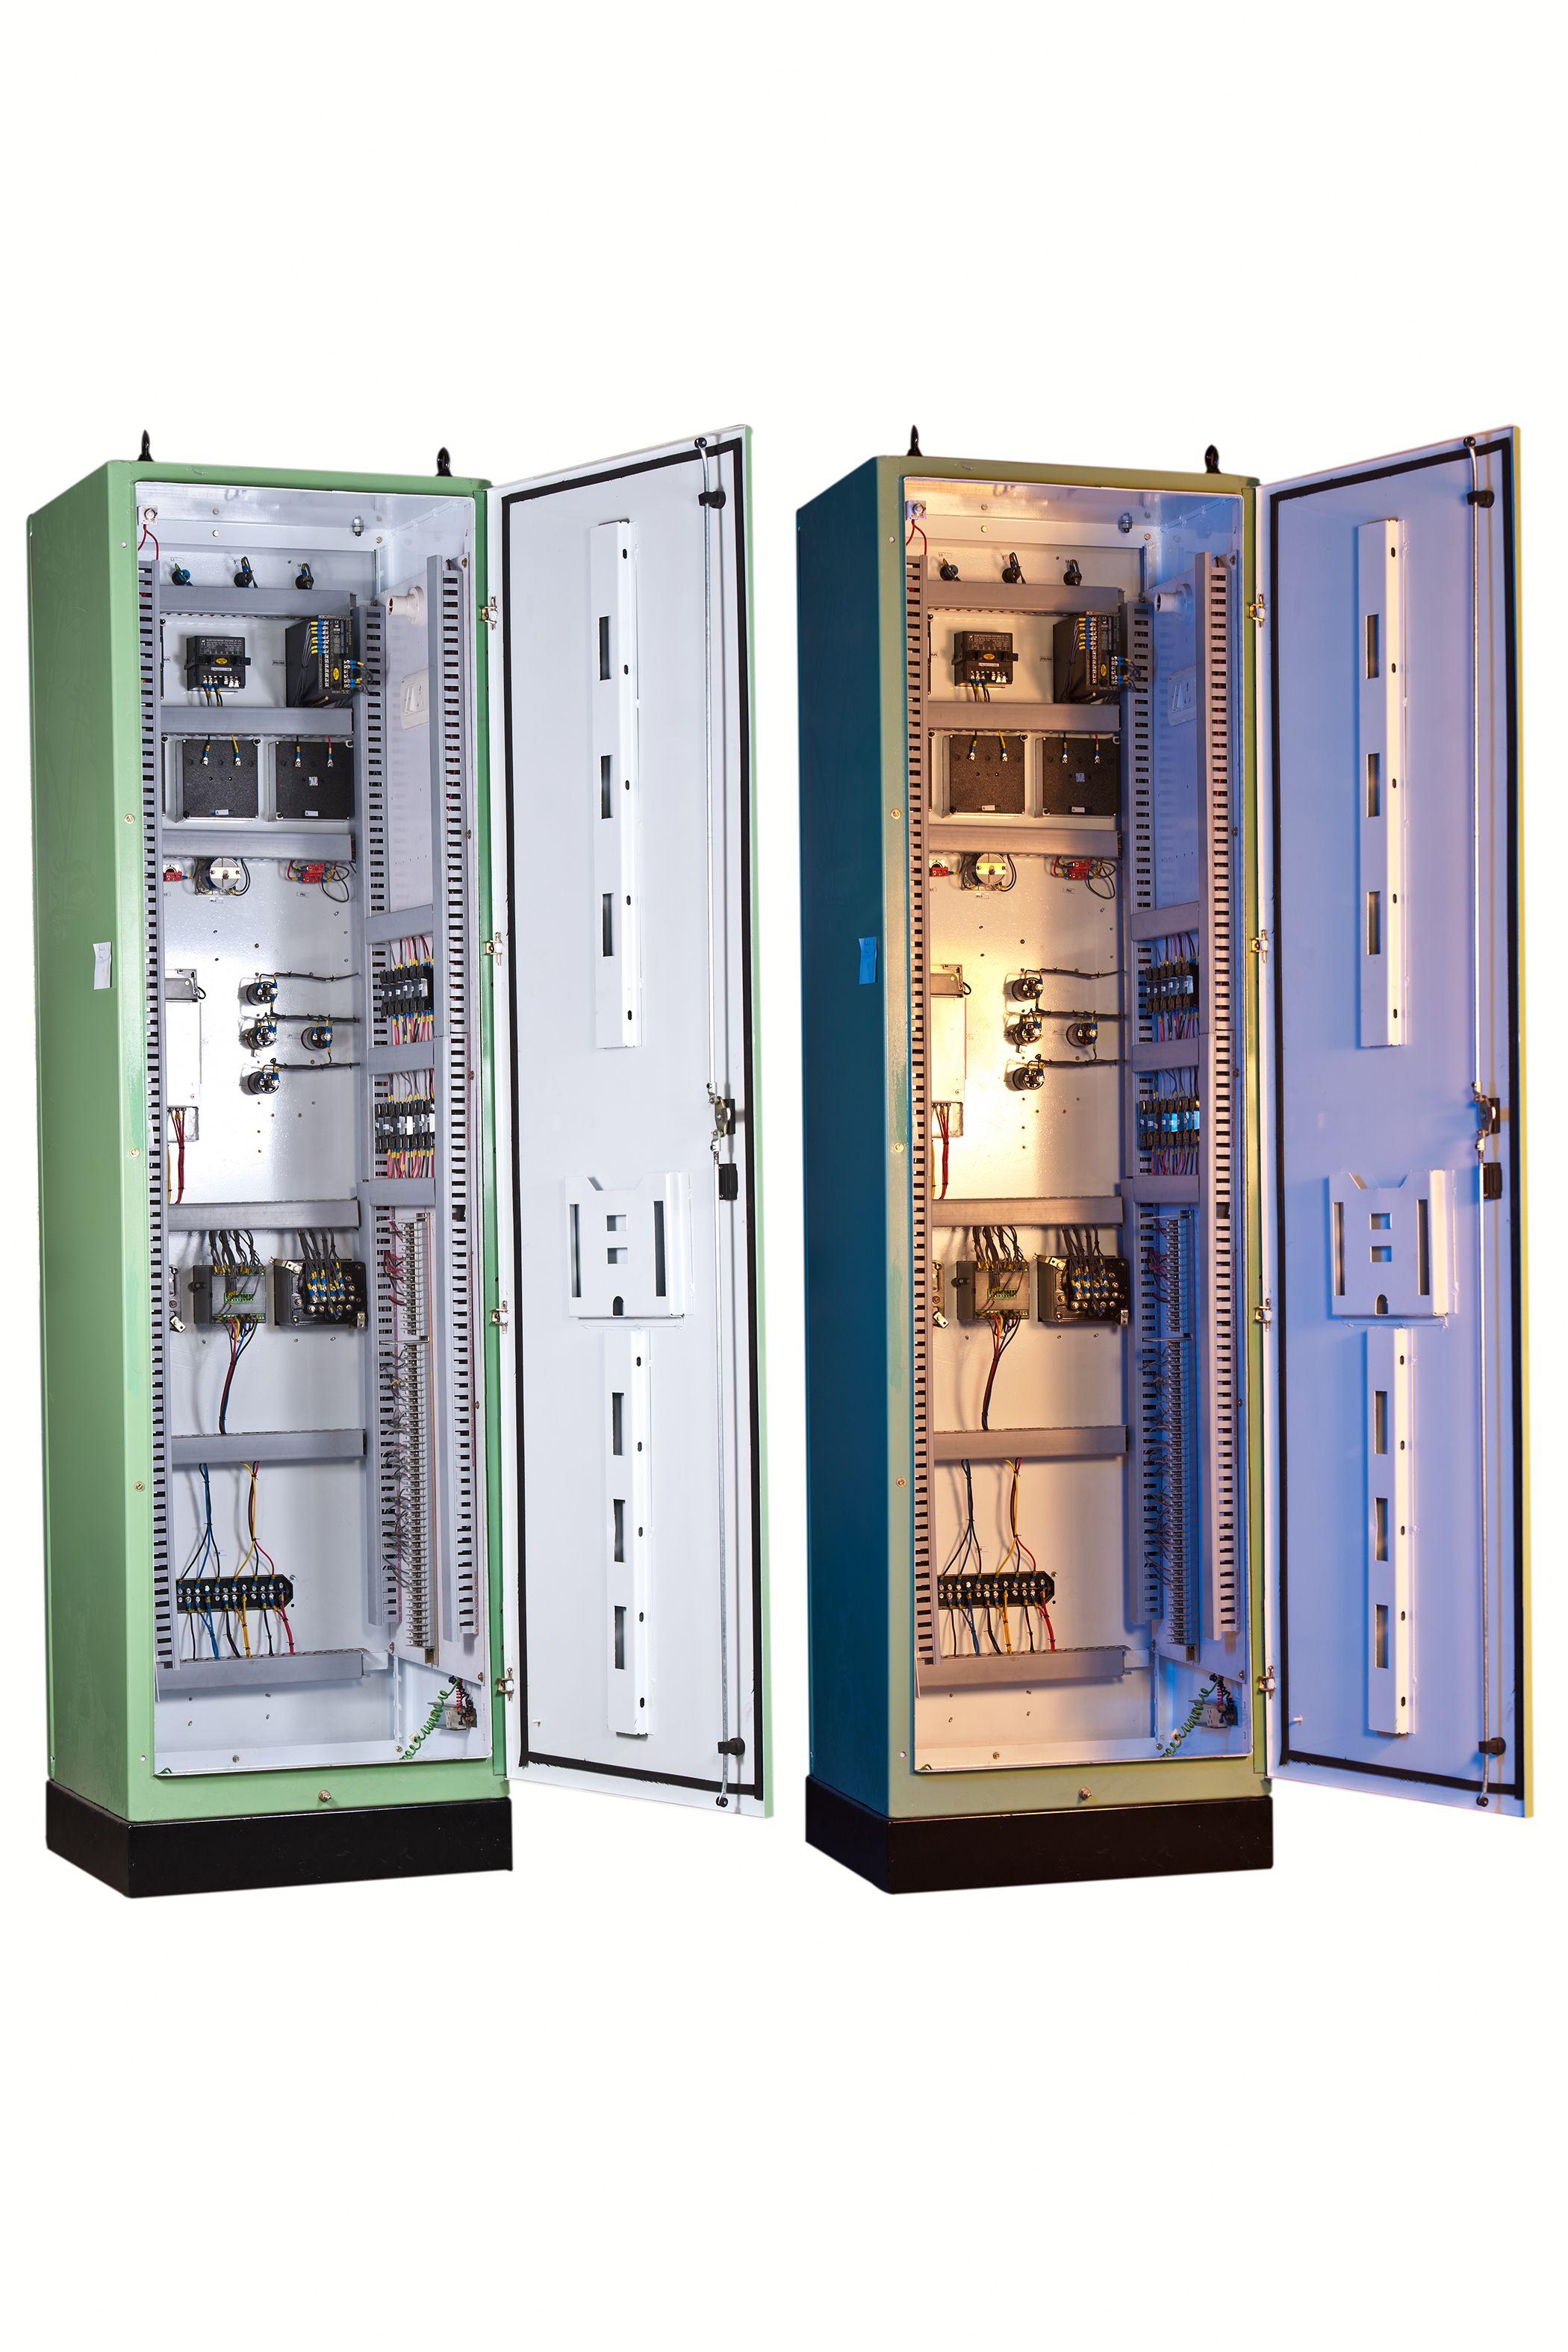 Control Relay Panels | aartechsolonics